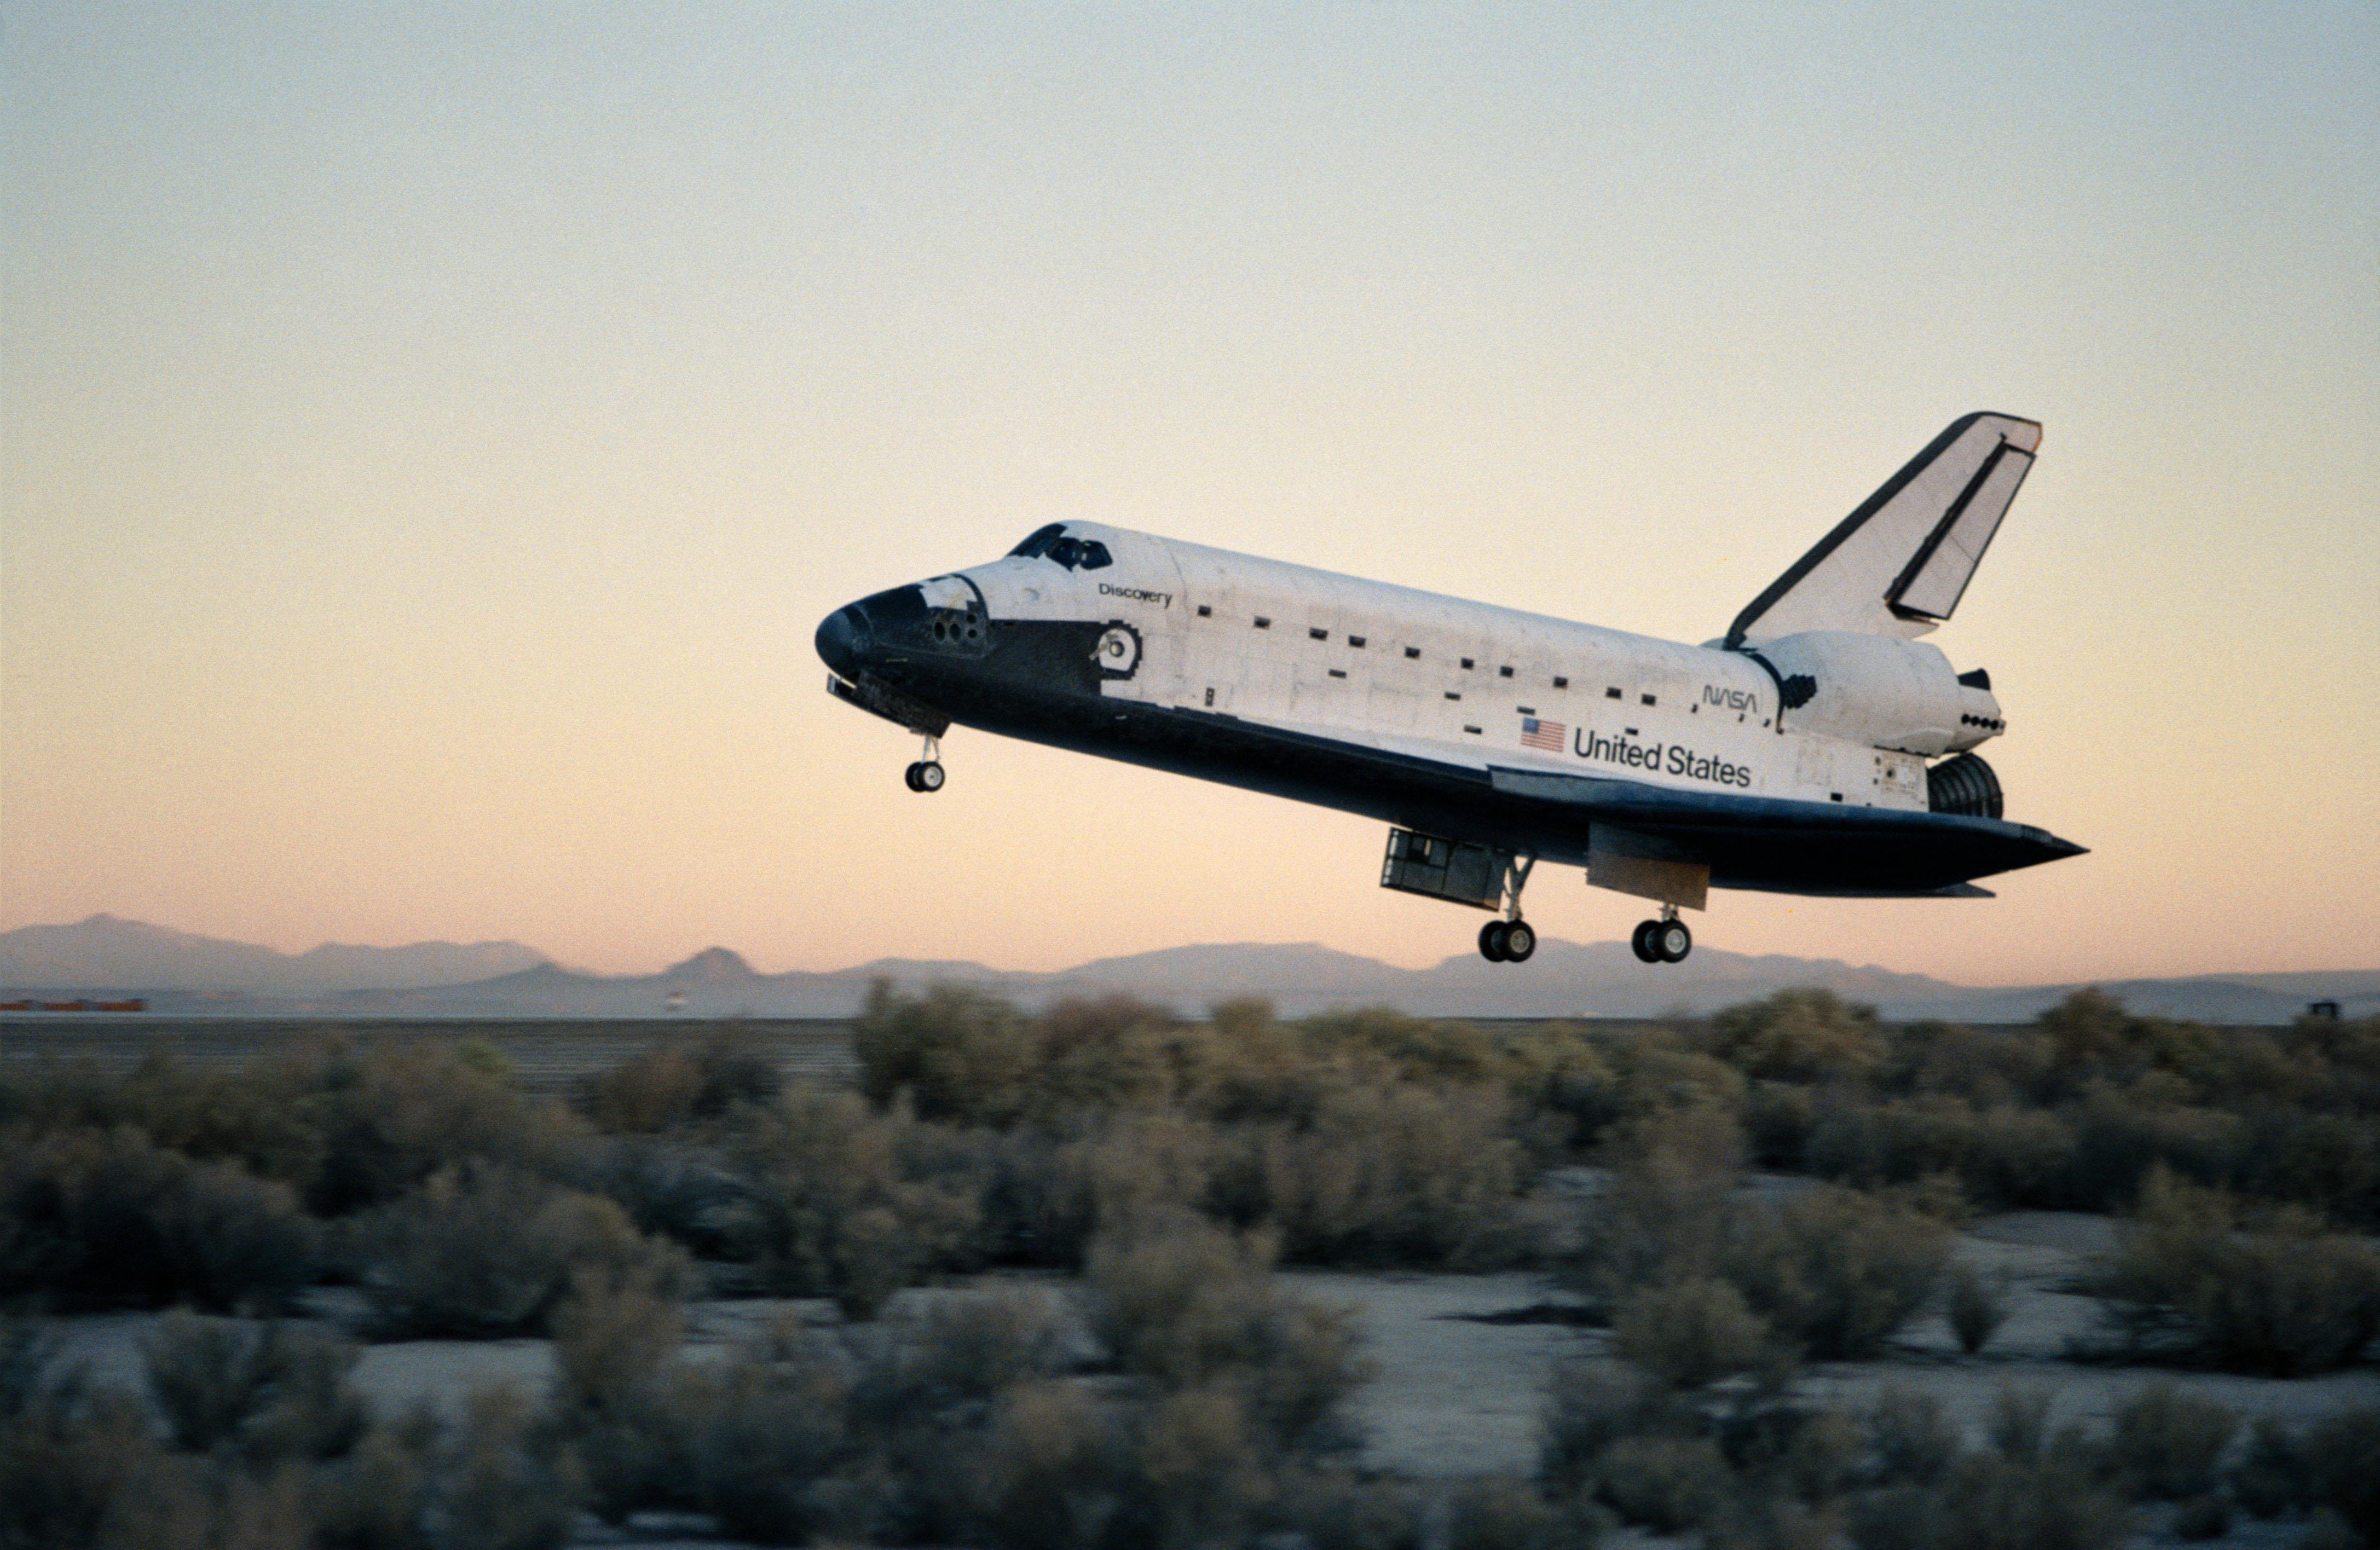 Discovery, drifting toward a landing at Edwards Air Force Base at